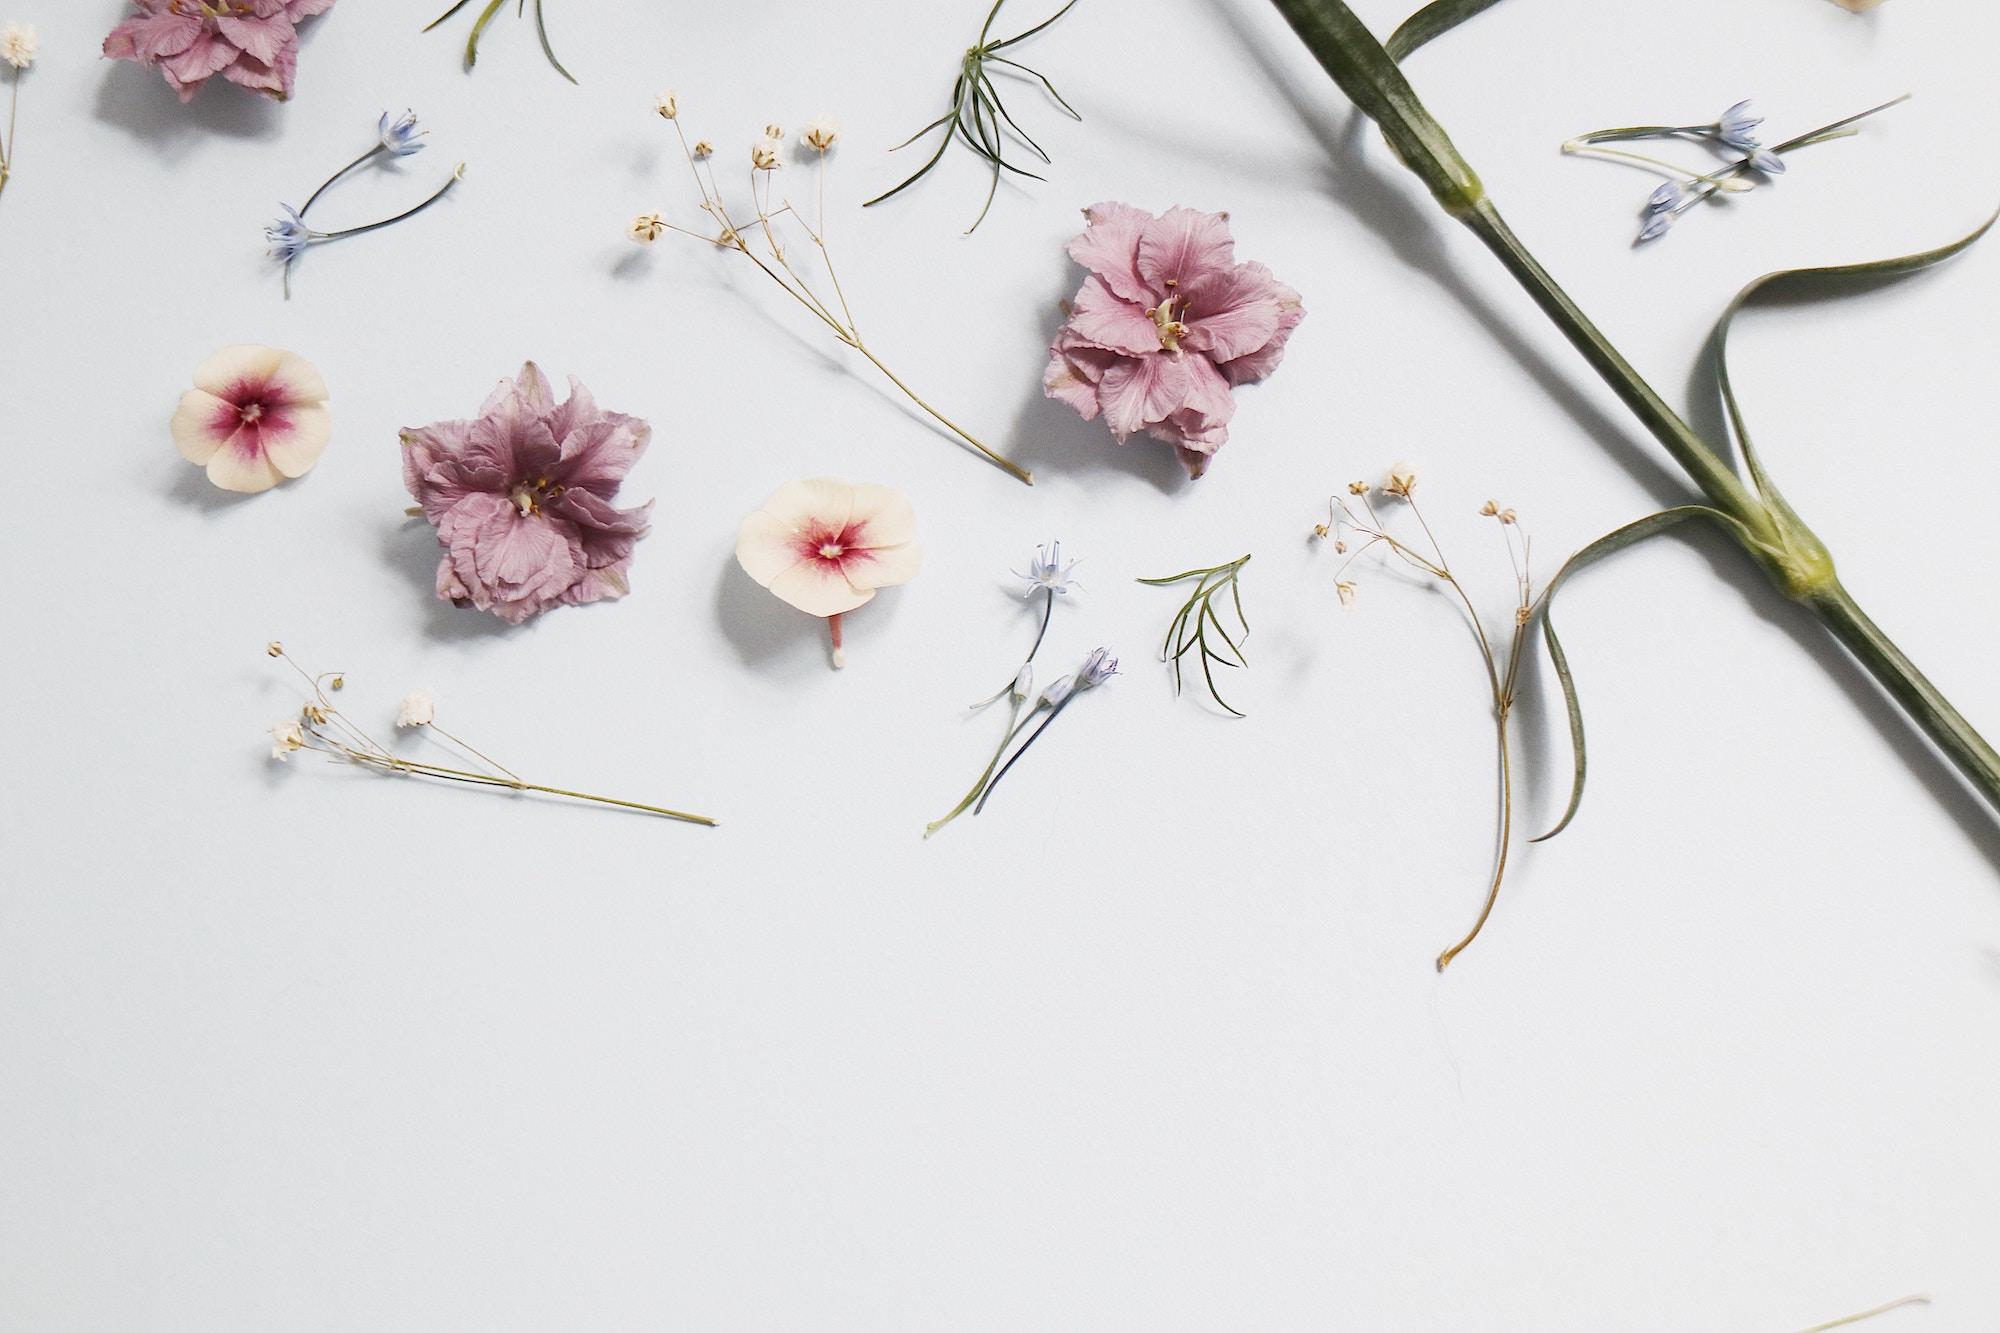 Comment Conserver Des Fleurs Séchées comment adopter la tendance fleurs séchées ? - déco idées